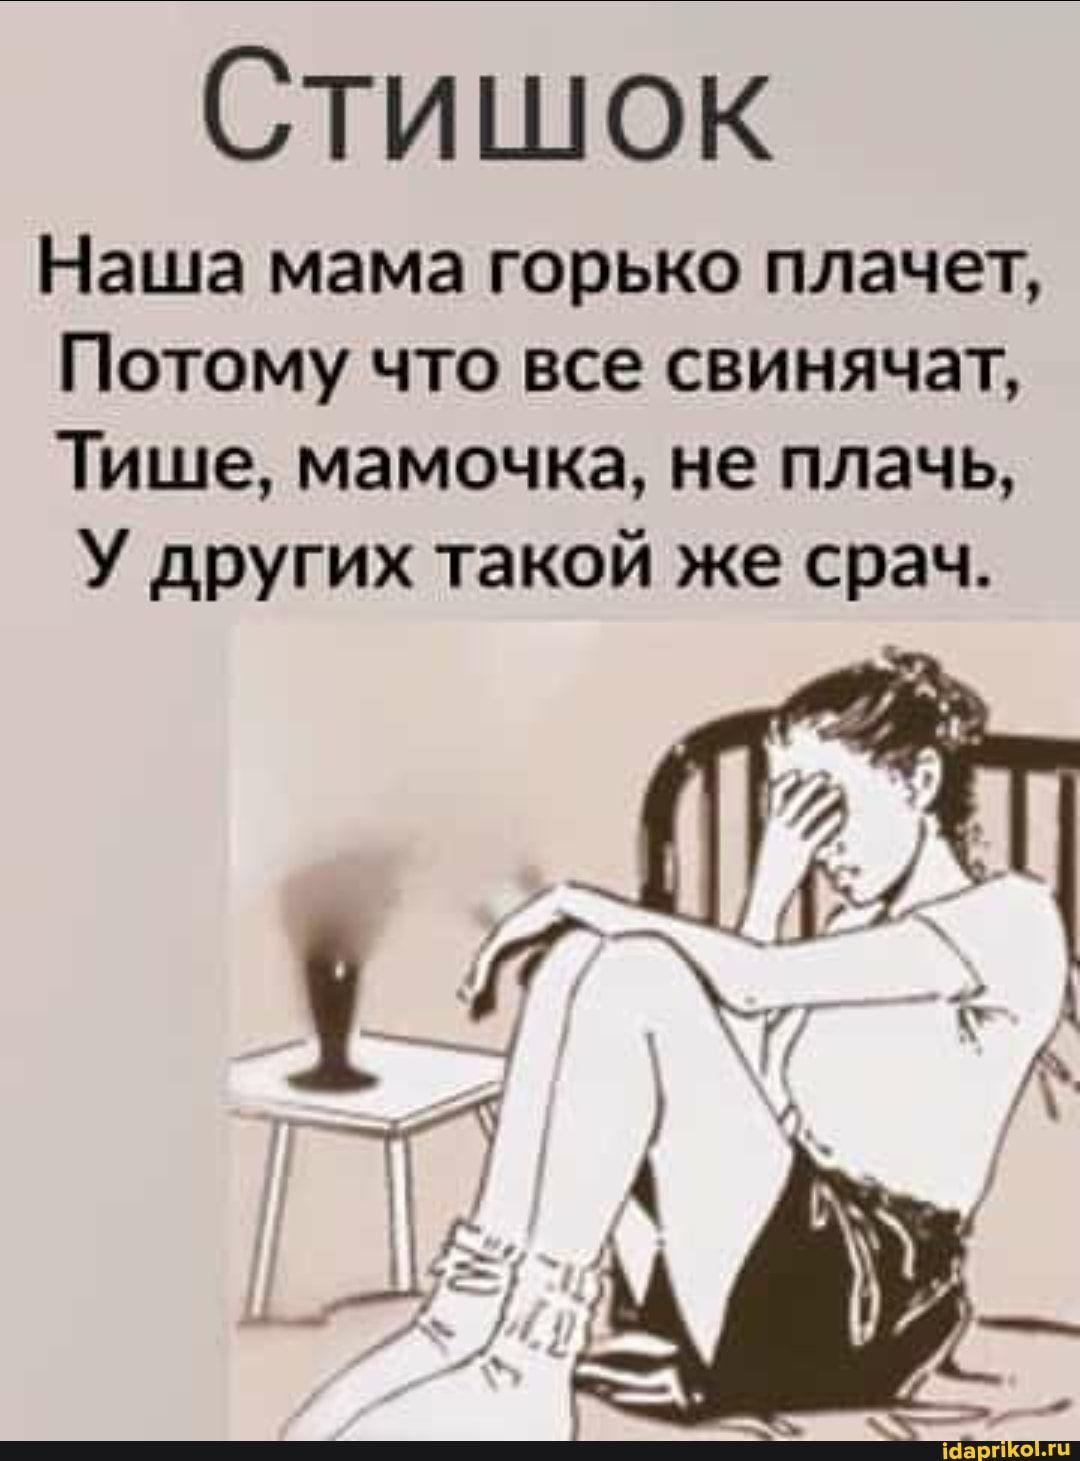 Najdeno Na Ajdaprikol Funny Relationship Jokes Funny Pictures For Kids Russian Humor